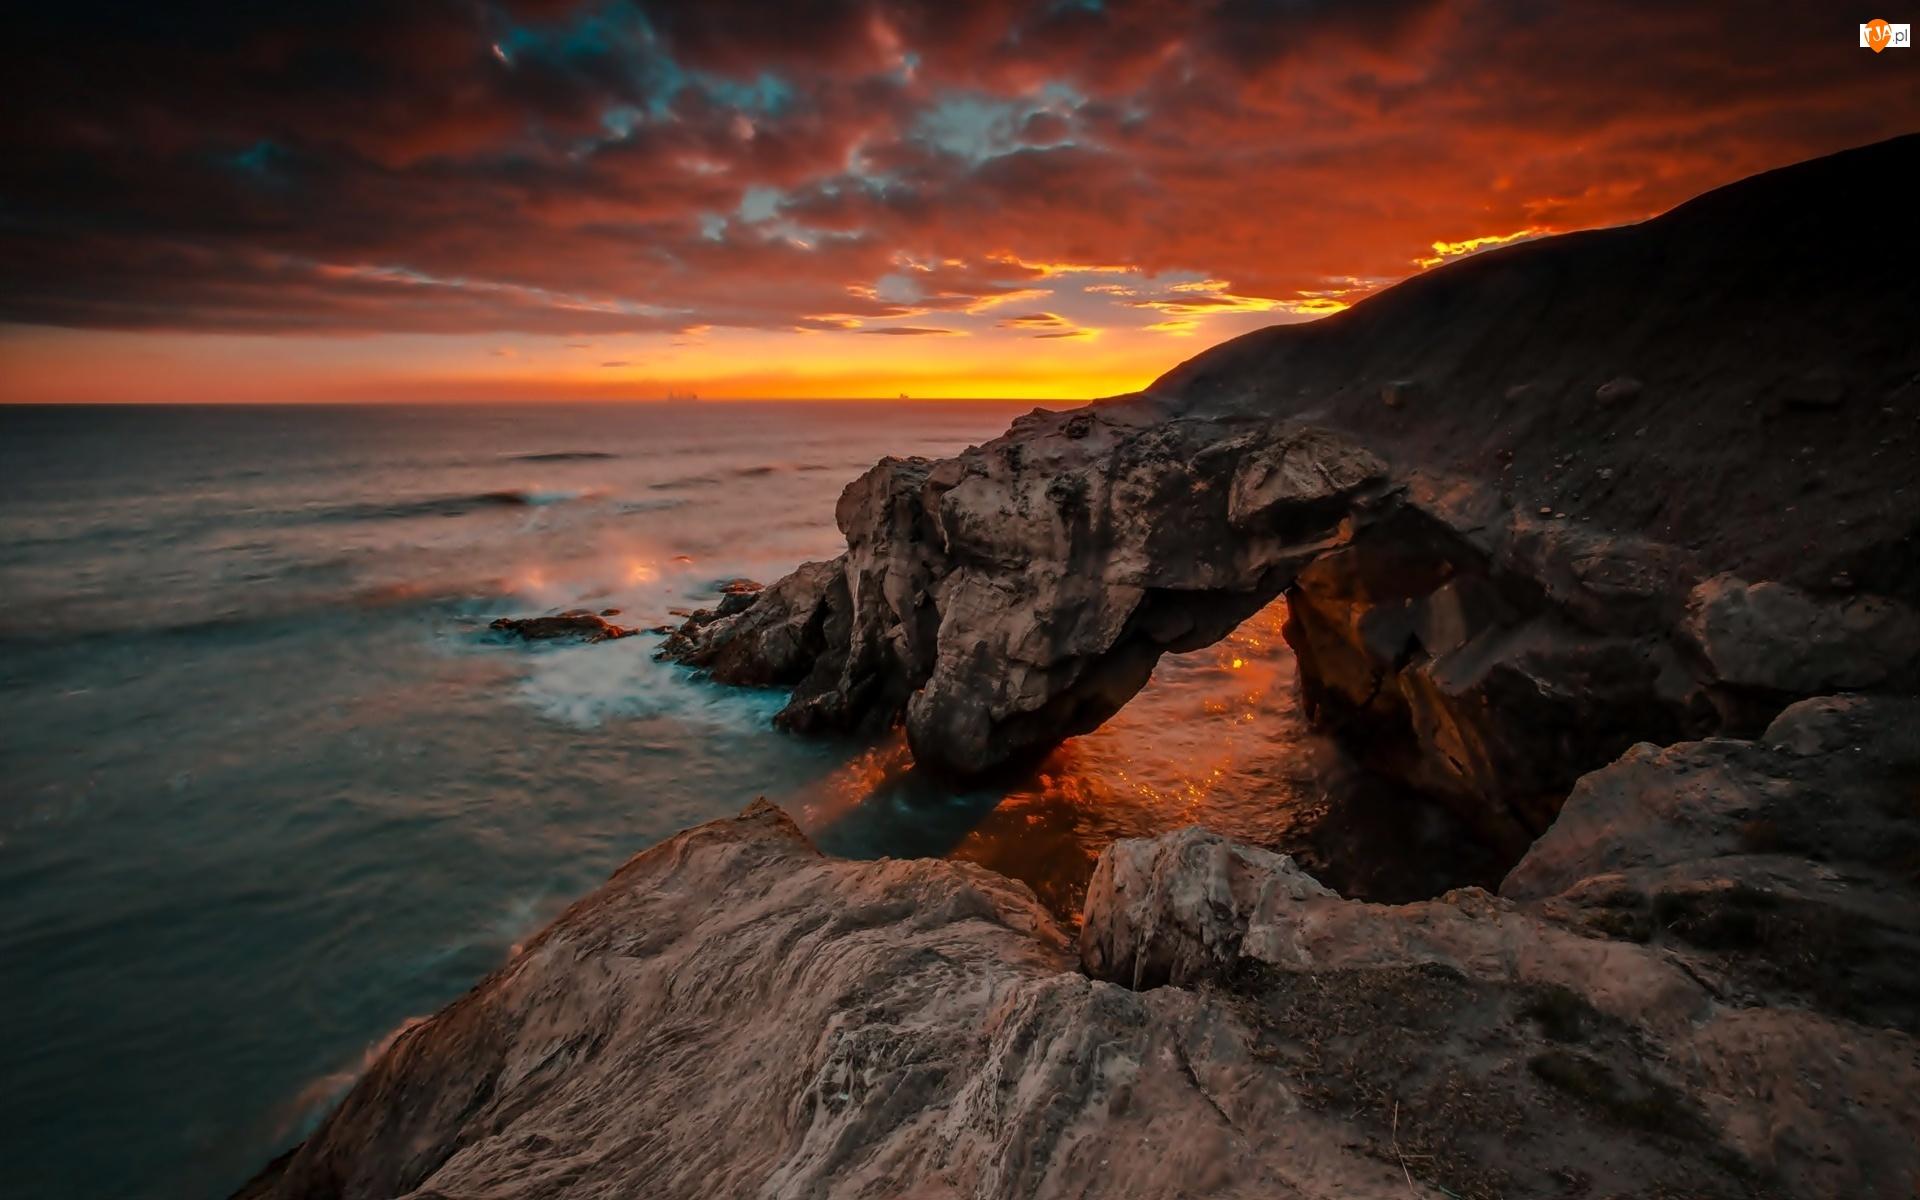 Wschód Słońca, Skały, Morze, Wybrzeże